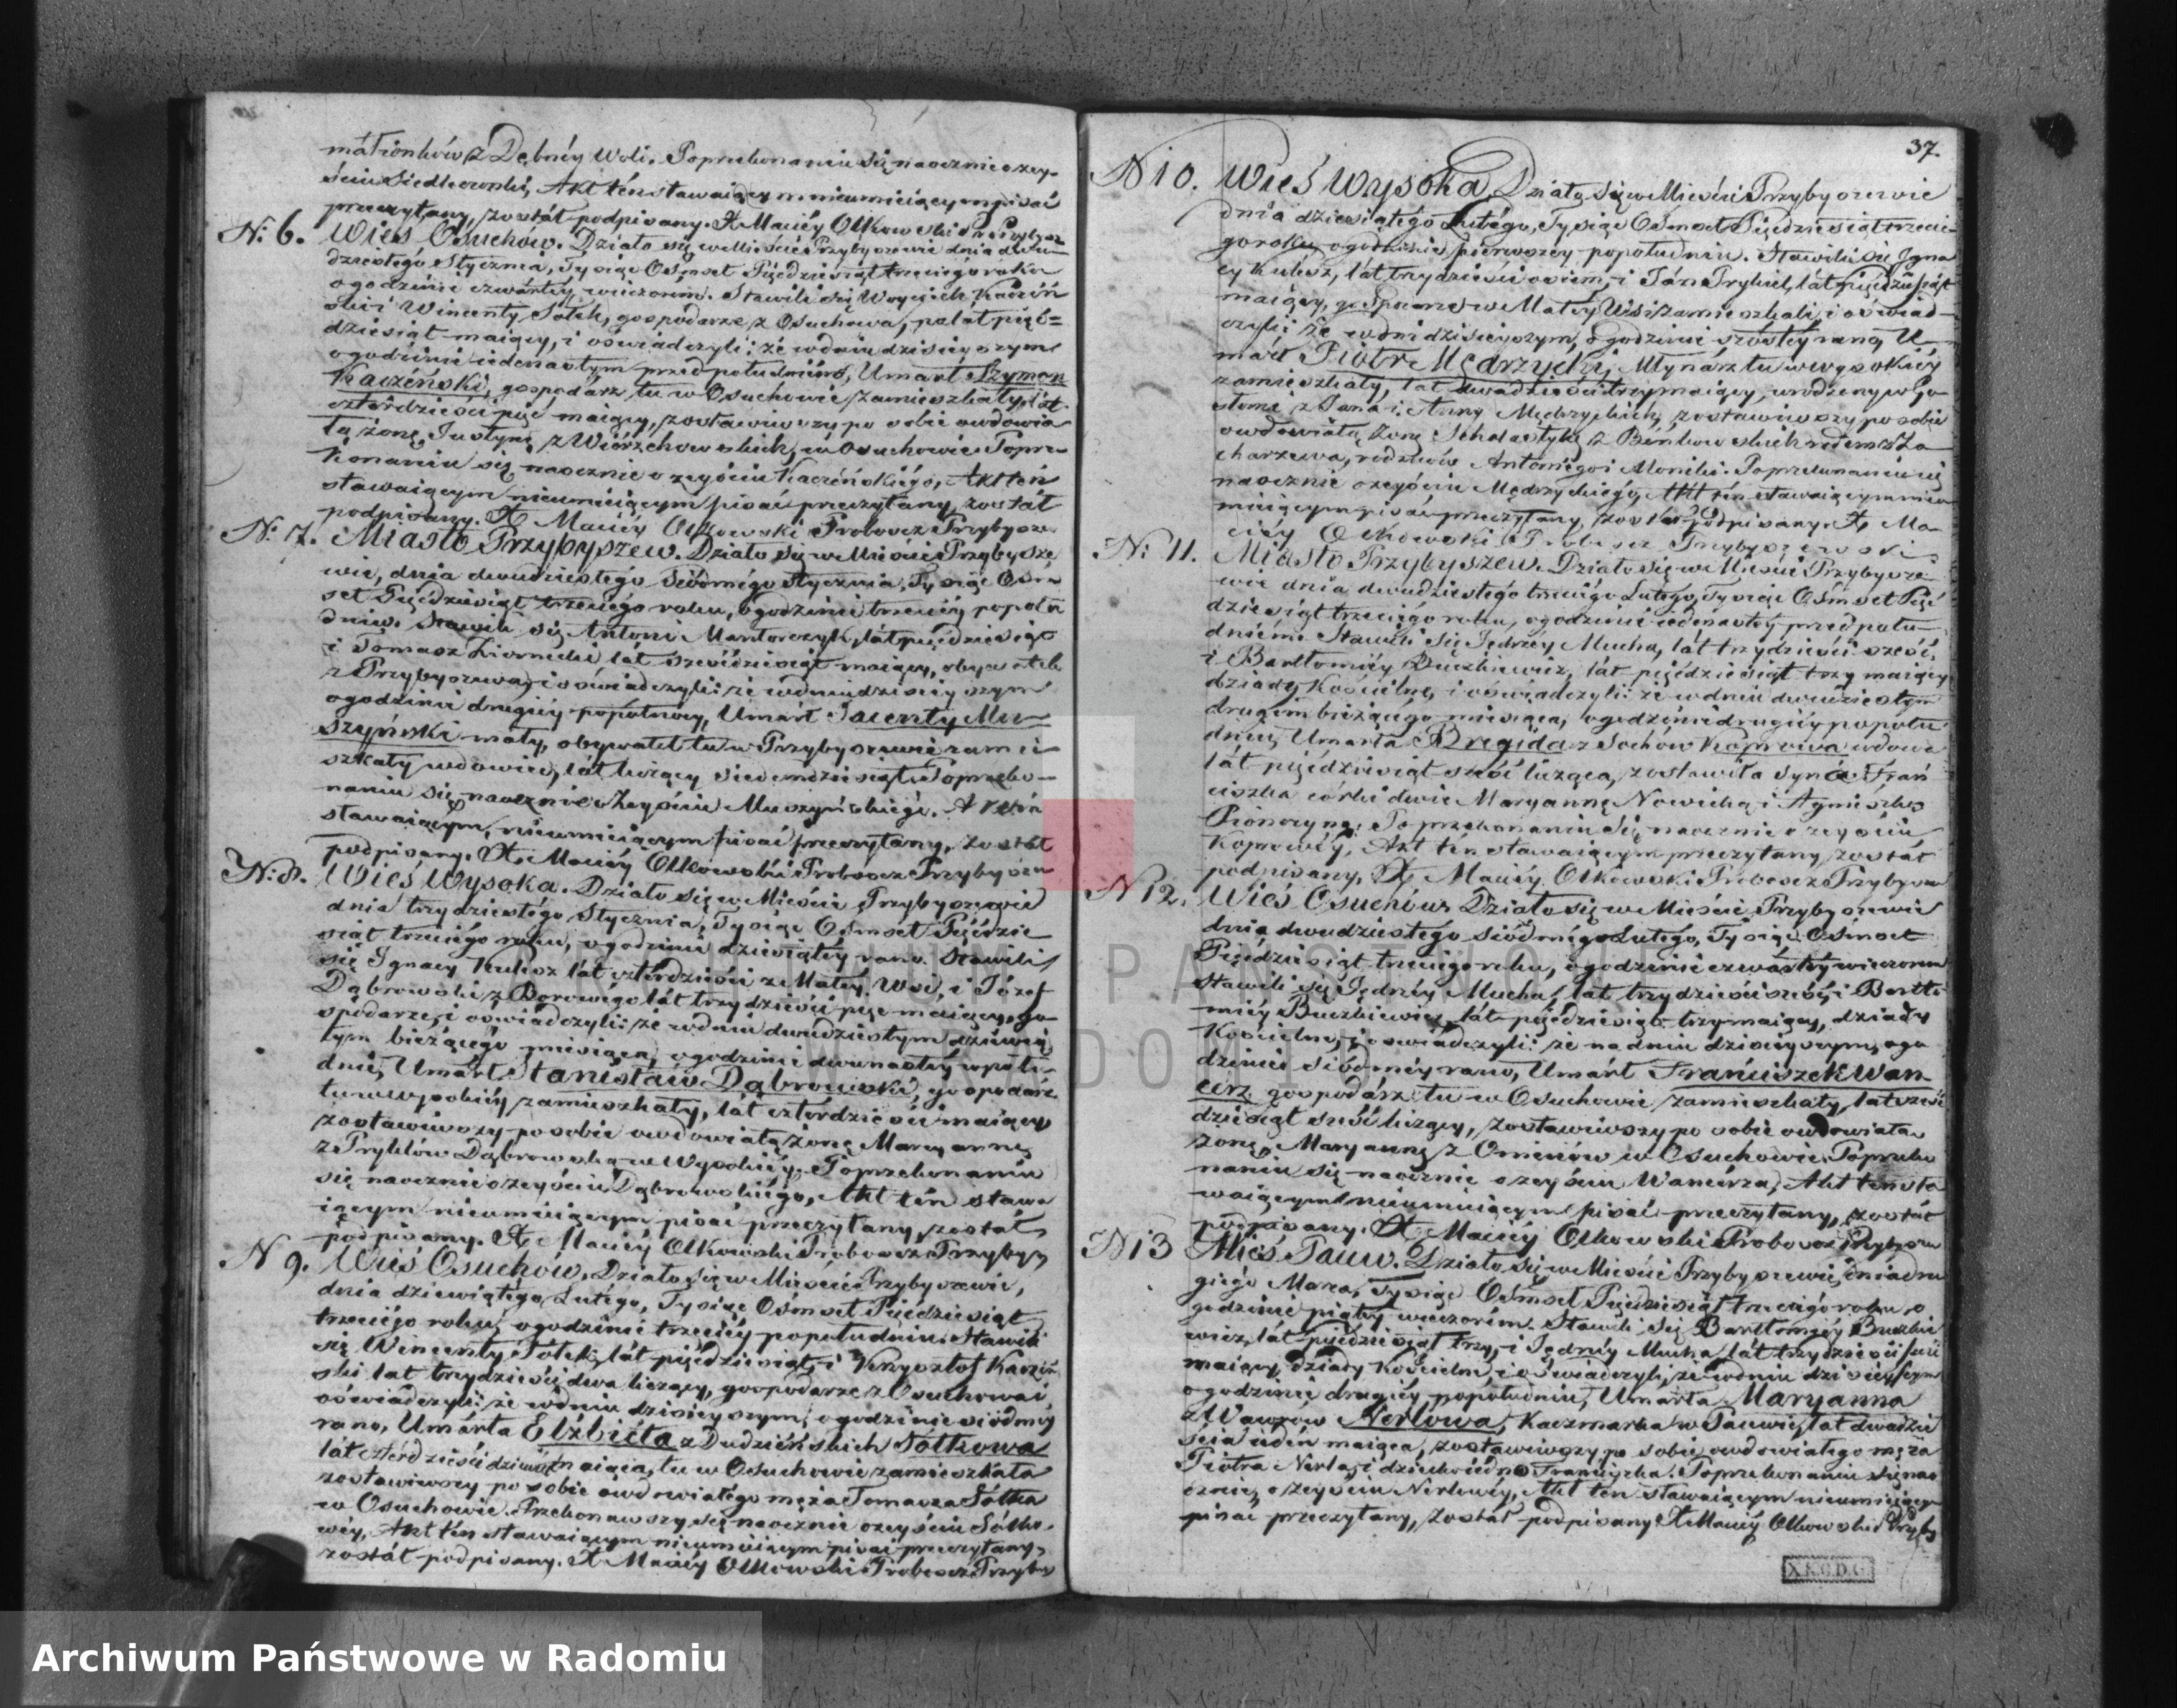 Skan z jednostki: Duplikat na akta urodzeń, małżeństw i zeyścia w roku 1853 w parafii Przybyszewskiej